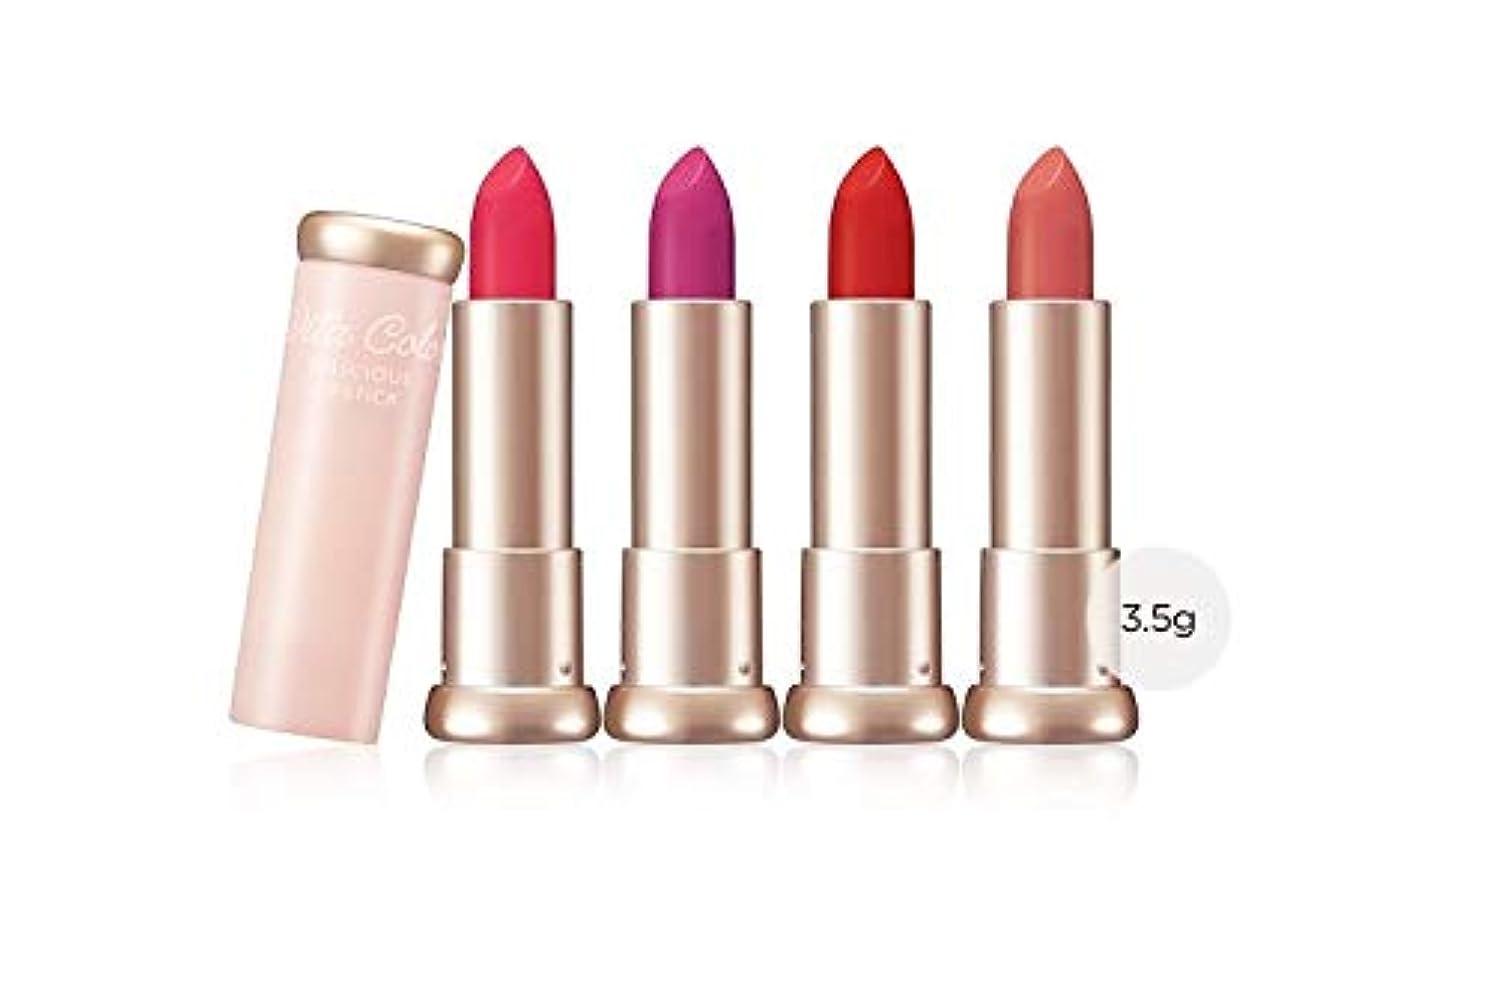 罰緊張する通り抜けるSkinfood ヴィータ色おいしいリップスティック(クリーミー)#PK02ラズベリーシャーベット / Vita Color Delicious Lipstick (CREAMY) # PK02 Raspberry Sherbet...